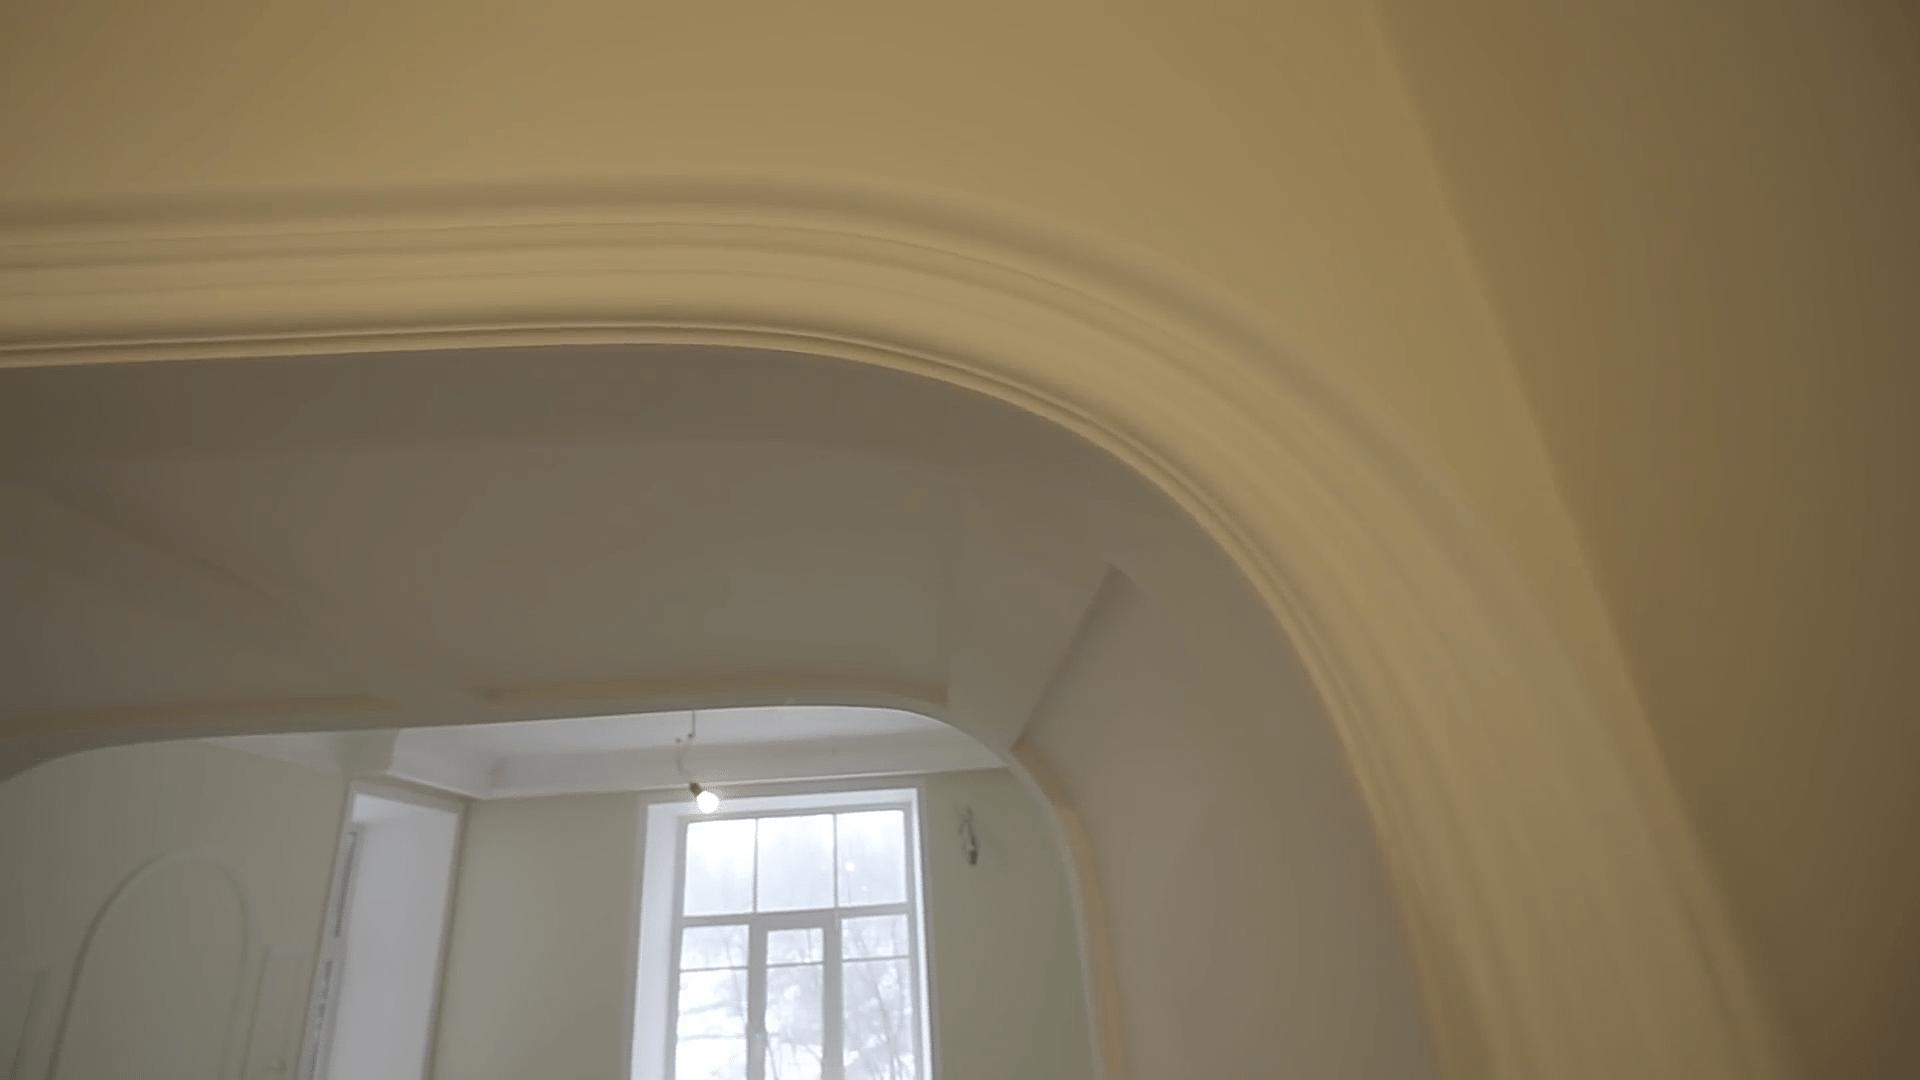 Чем отделать арку в дверном проеме: фото варианты декора дверных проемов, плюсы и минусы материалов для отделки